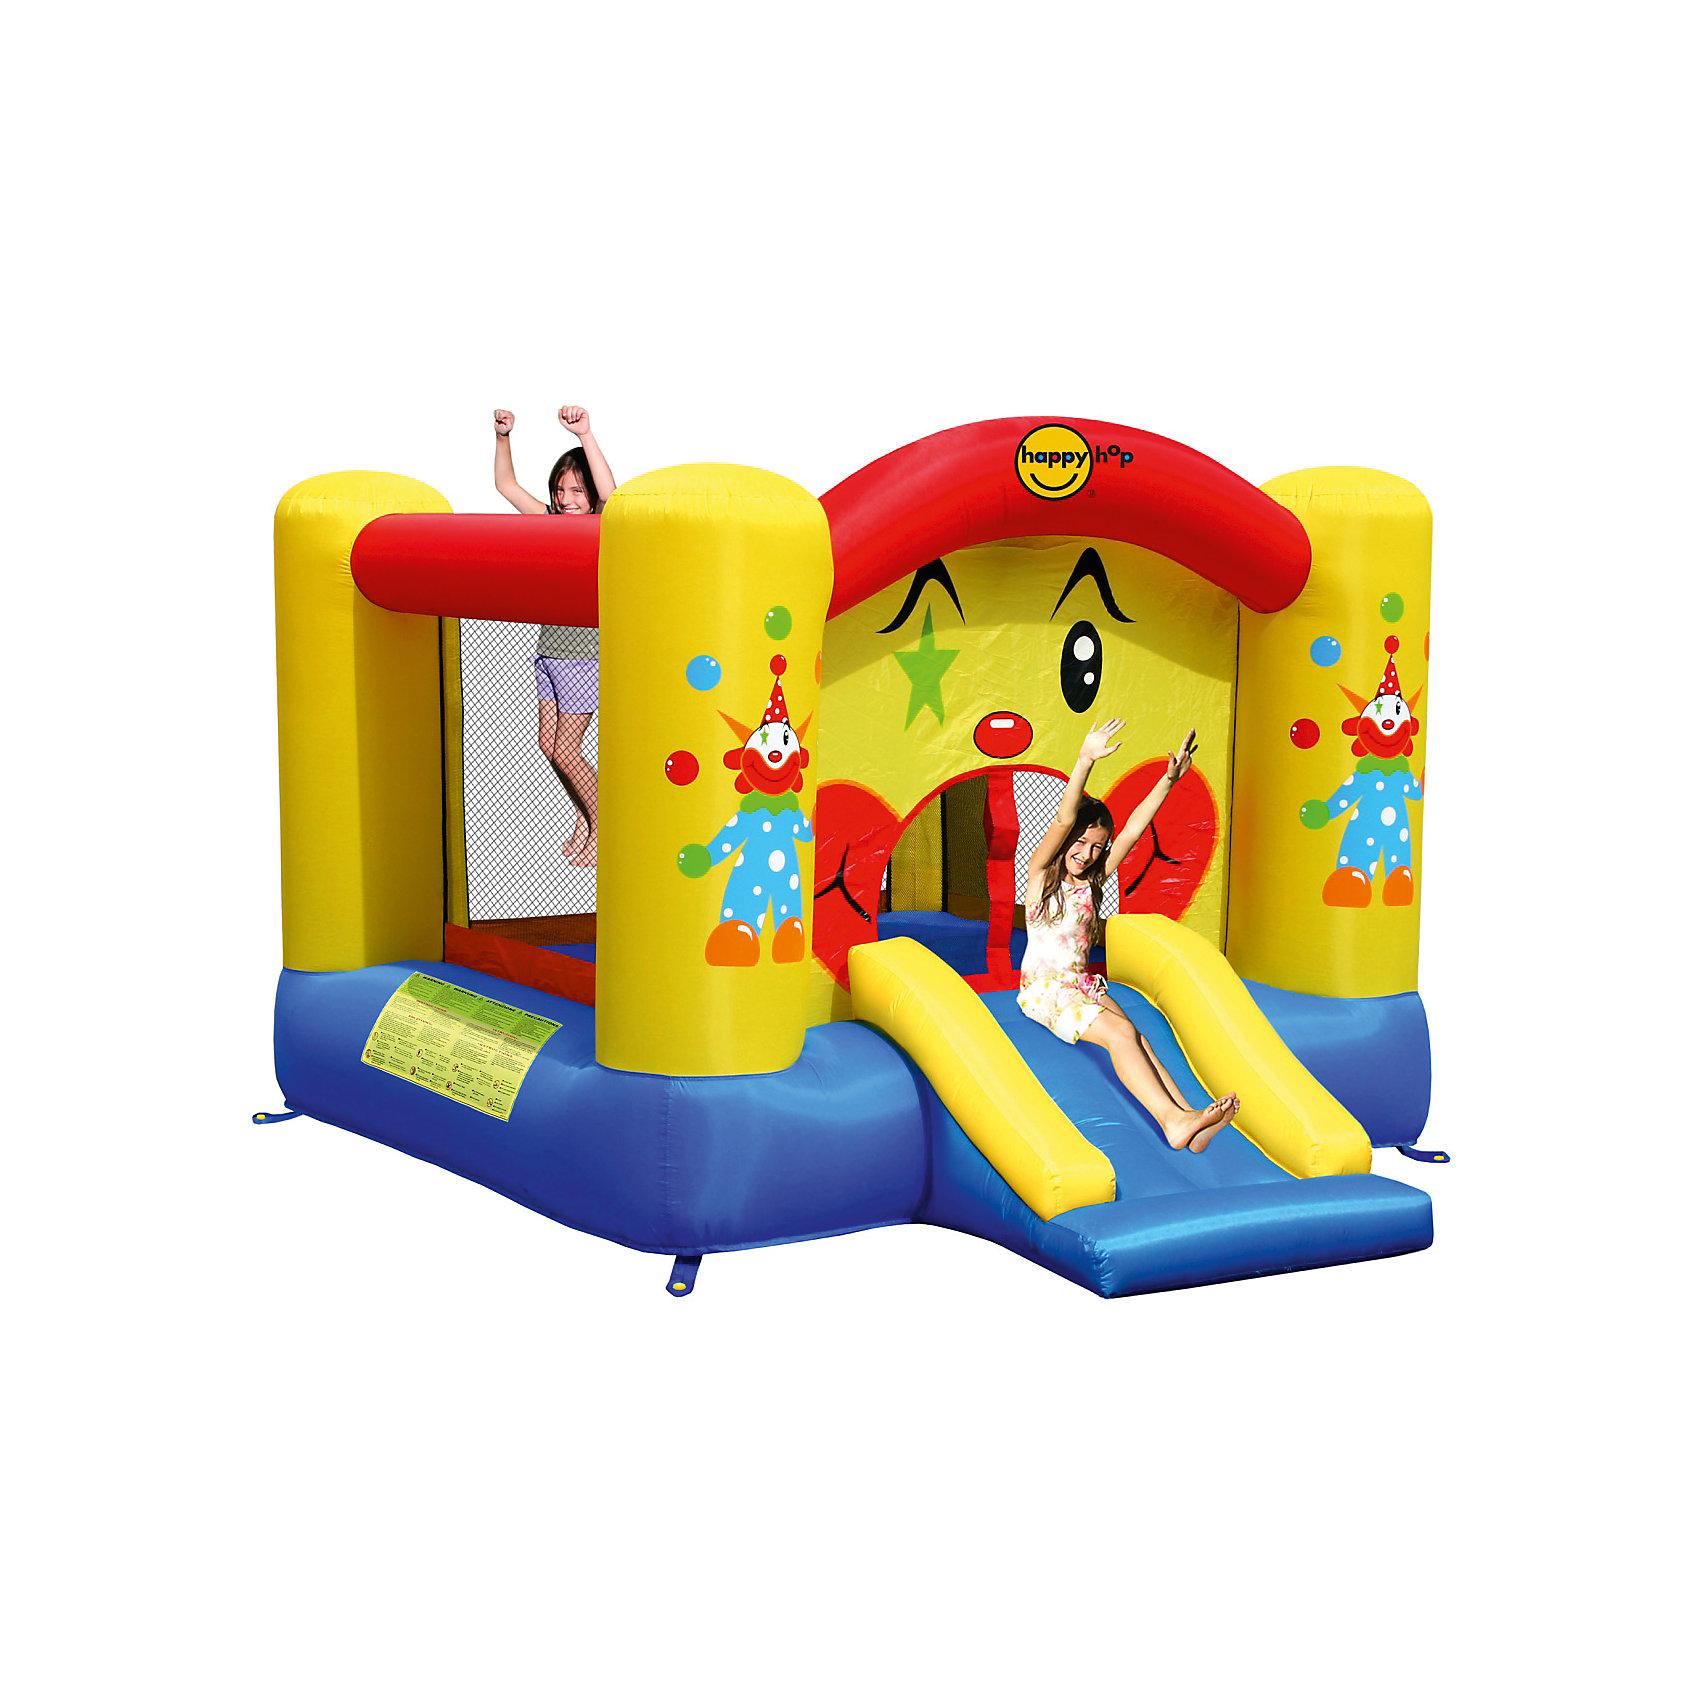 Надувной батут с горкой Забавный клоун, Happy HopБатуты<br>Характеристики:<br><br>• возраст ребенка: от 3 до 10 лет;<br>• рост ребенка: 90-150 см;<br>• вес одного ребенка: до 45 кг;<br>• количество играющих одновременно детей: 2;<br>• максимальный вес: 90 кг (при этом вес каждого ребенка не должен превышать 45 кг).<br><br>Размеры:<br><br>• размер игрового комплекса: 300х225х175 см;<br>• размер батута: 225х220 см;<br>• высота основания батута: 40 см;<br>• высота прыжковой поверхности: 155х150 см;<br>• размер горки: 85х82 см;<br>• ширина скользящей поверхности: 55 см;<br>• высота защитной сетки-ограждения: 120 см;<br>• прочность батута на растяжение: до 136 кг;<br>• прочность на разрыв: до 14 кг;<br>• прочность на соединение: до 27 кг;<br>• диапазон температур для батута: от -10 до +40 градусов;<br>• диапазон температур для насоса: от -15 до +40 градусов;<br>• размер упаковки: 38х38х53 см;<br>• вес в упаковке: 15 кг.<br><br>Дополнительная информация:<br><br>• материал: ламинированный ПВХ, ламинированная ткань Оксфорд;<br>• плотность: ПВХ 360 г/м2, ткани Оксфорд 215 г/м2;<br>• материал застежек: лавсан;<br>• крепеж к земле: пластик;<br>• технология изготовления продукции: машинное сшивание путем соединения тканей ПВХ и Оксфорд.<br><br>Меры предосторожности:<br><br>• использование: установка на открытом воздухе;<br>• только для бытового применения;<br>• при установке батута, изделие обязательно следует крепить пластиковыми кольями к земле.<br><br>Рекомендации от производителя: в течение всего времени использования продукции HAPPY HOP необходимо поддерживать подачу воздуха и обеспечивать непрерывную работу насоса. <br><br>Надувной батут с горкой Забавный клоун, Happy Hop можно купить в нашем интернет-магазине.<br><br>Ширина мм: 620<br>Глубина мм: 320<br>Высота мм: 370<br>Вес г: 15000<br>Возраст от месяцев: 36<br>Возраст до месяцев: 120<br>Пол: Унисекс<br>Возраст: Детский<br>SKU: 5530636